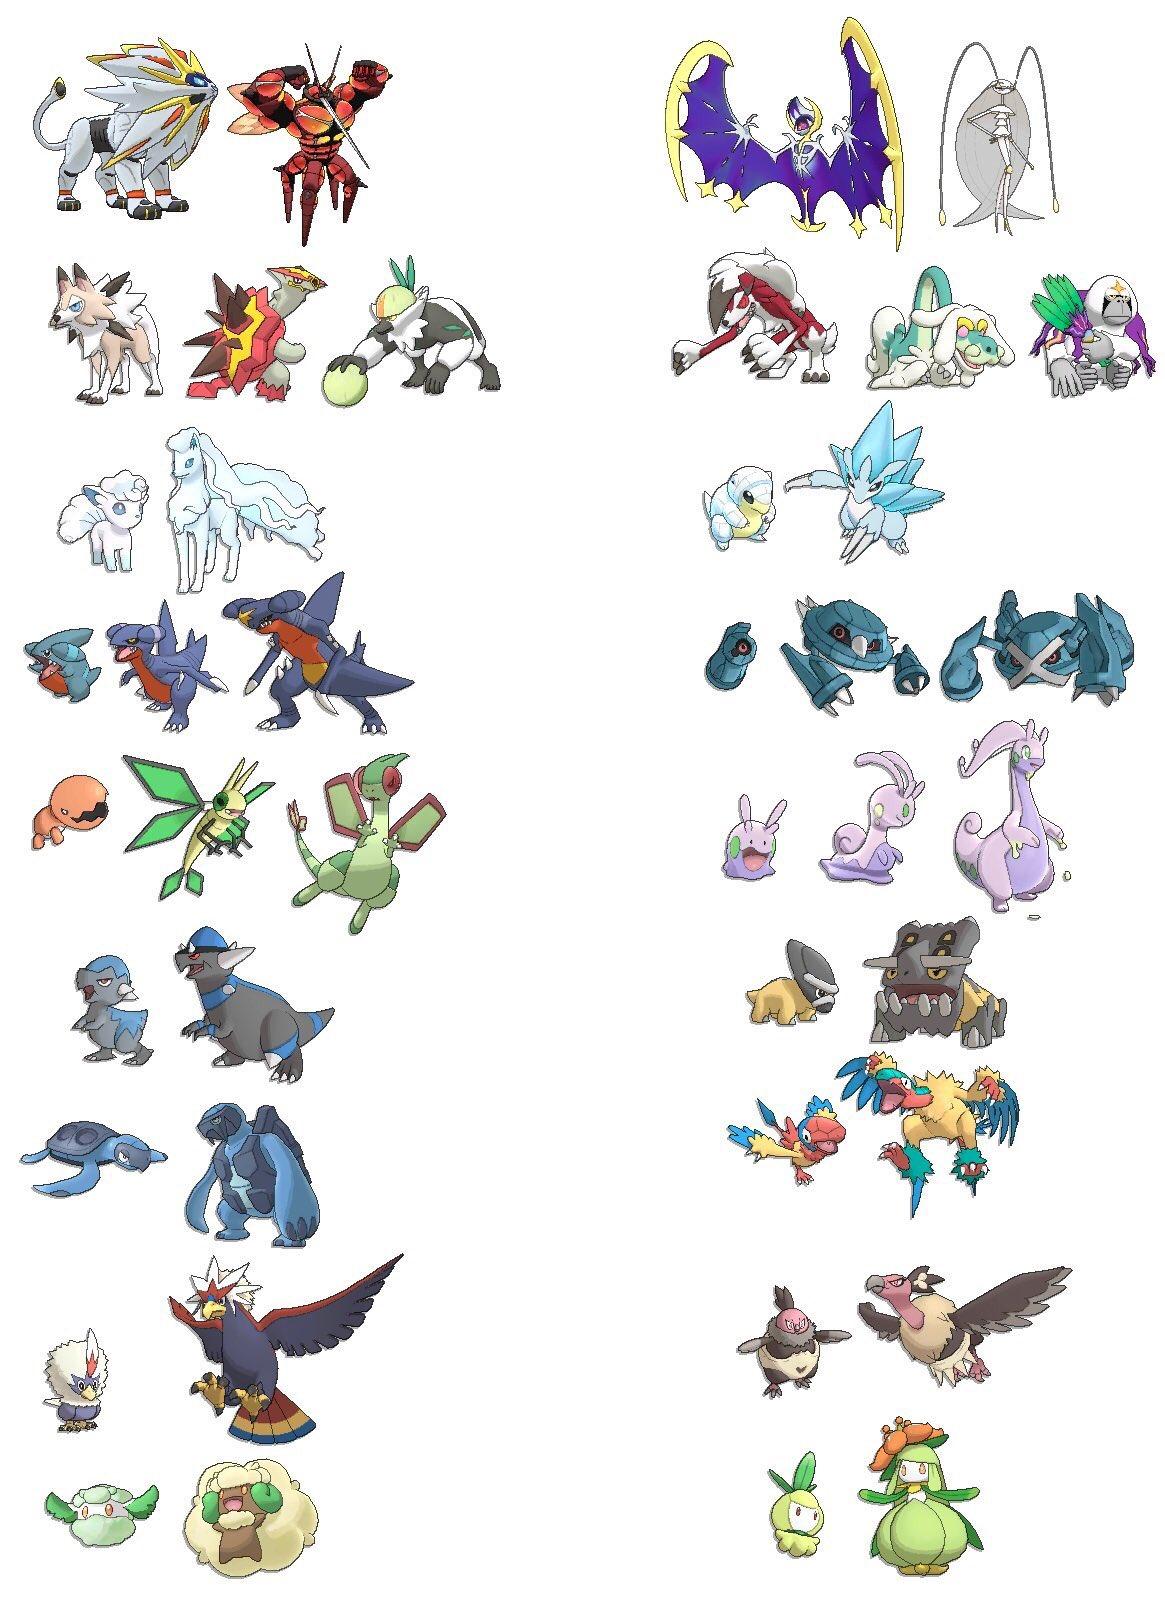 Pokémon Soleil Vs Pokémon Lune Lequel Choisir Commenjouer